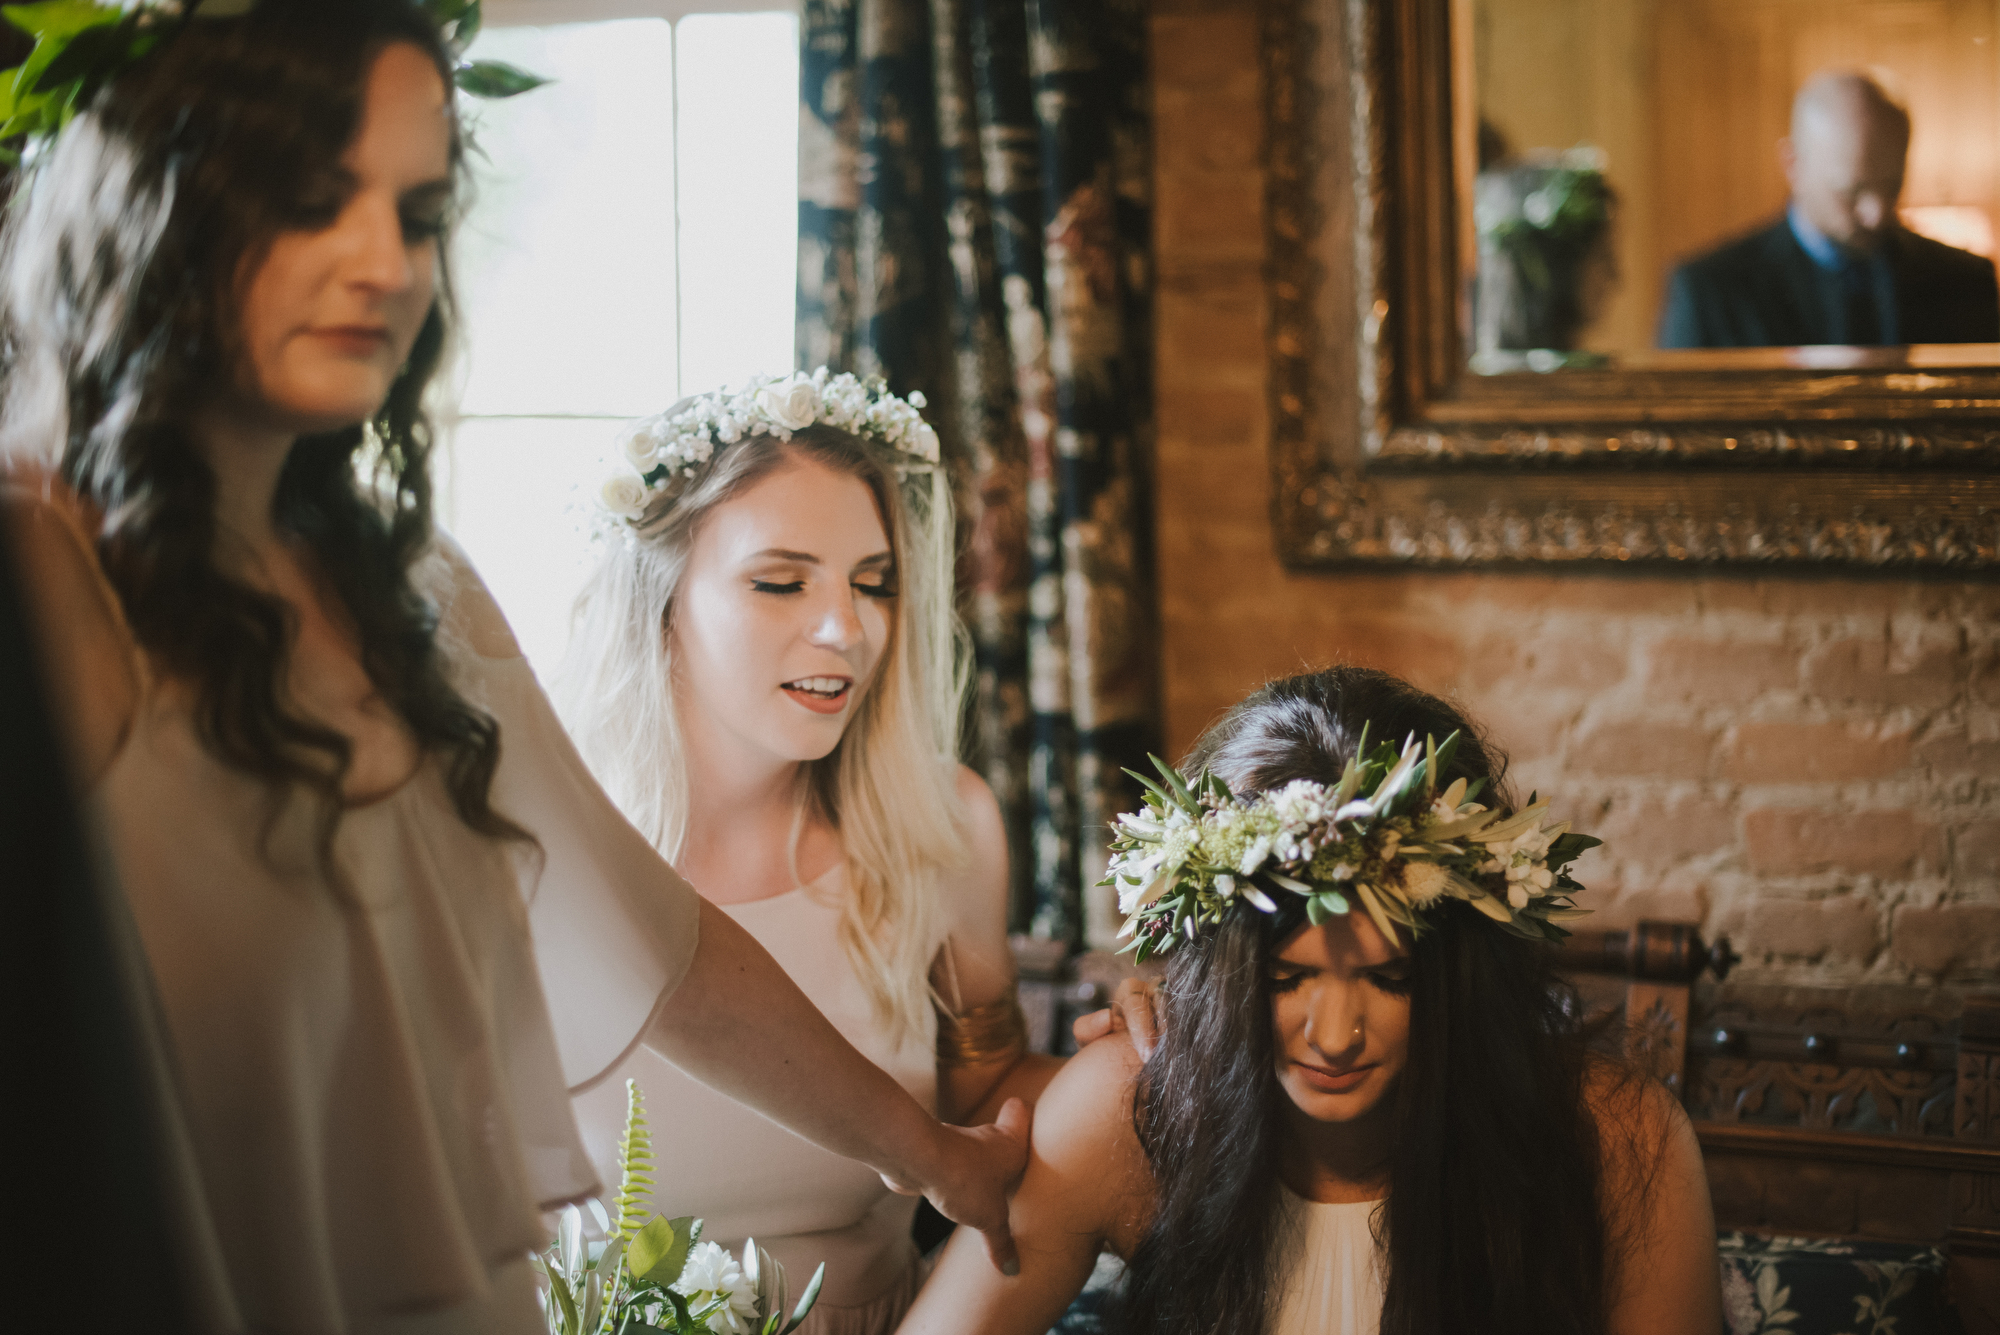 ofRen_weddingphotography066.JPG